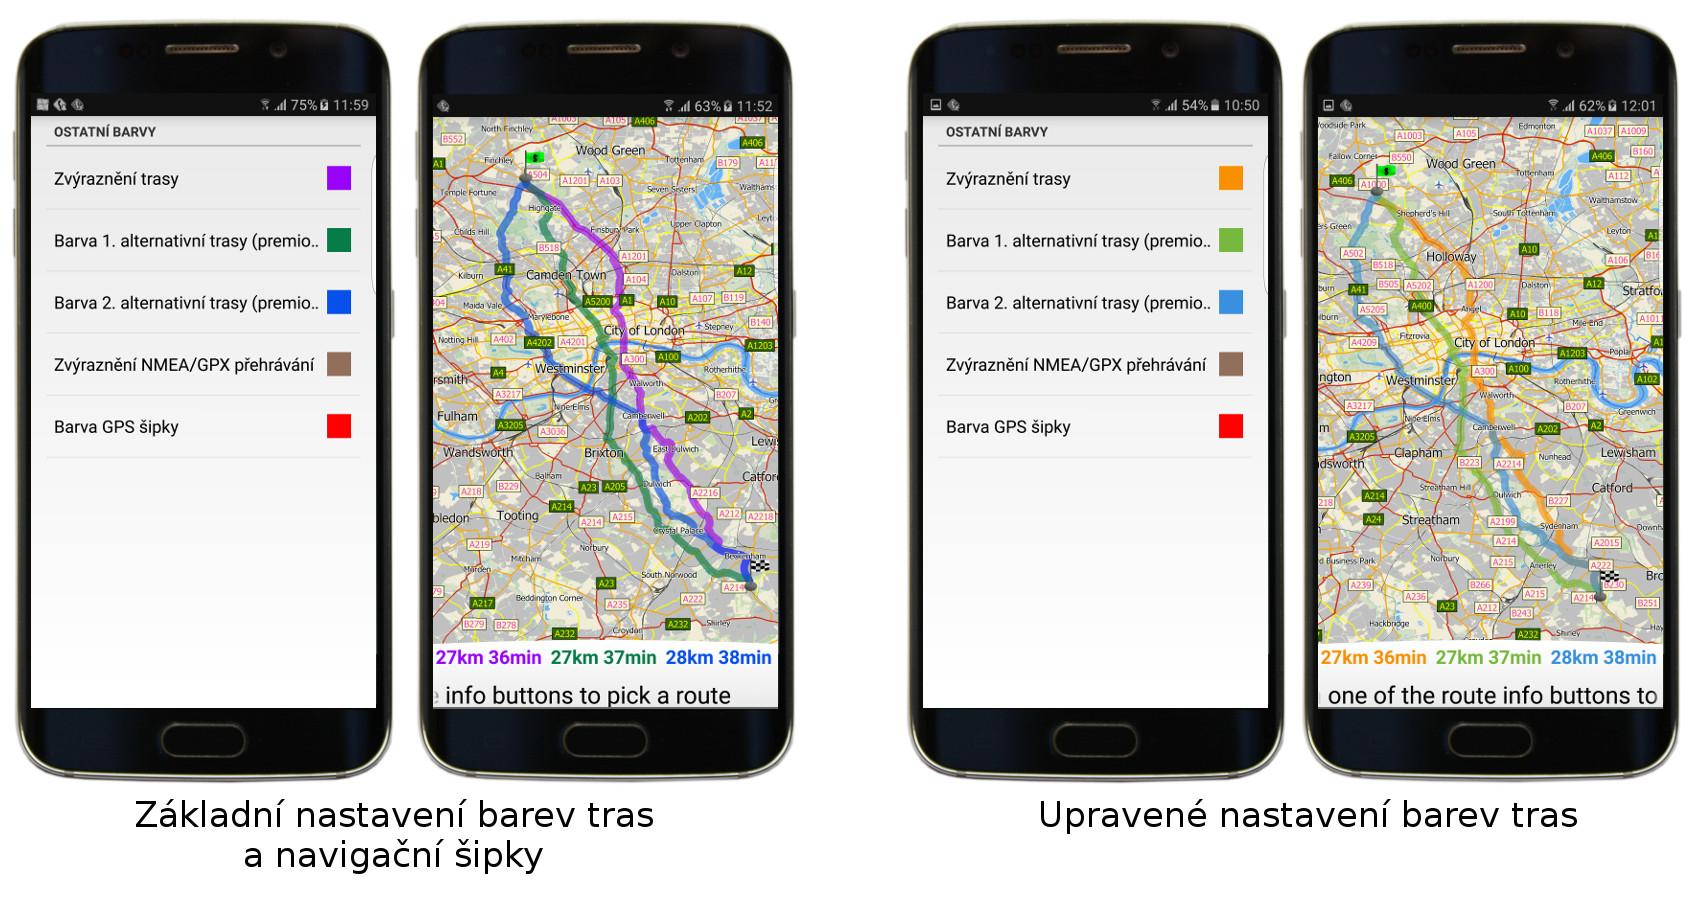 Přizpůsobení dalších barev v aplikaci mapFactor GPS Navigation